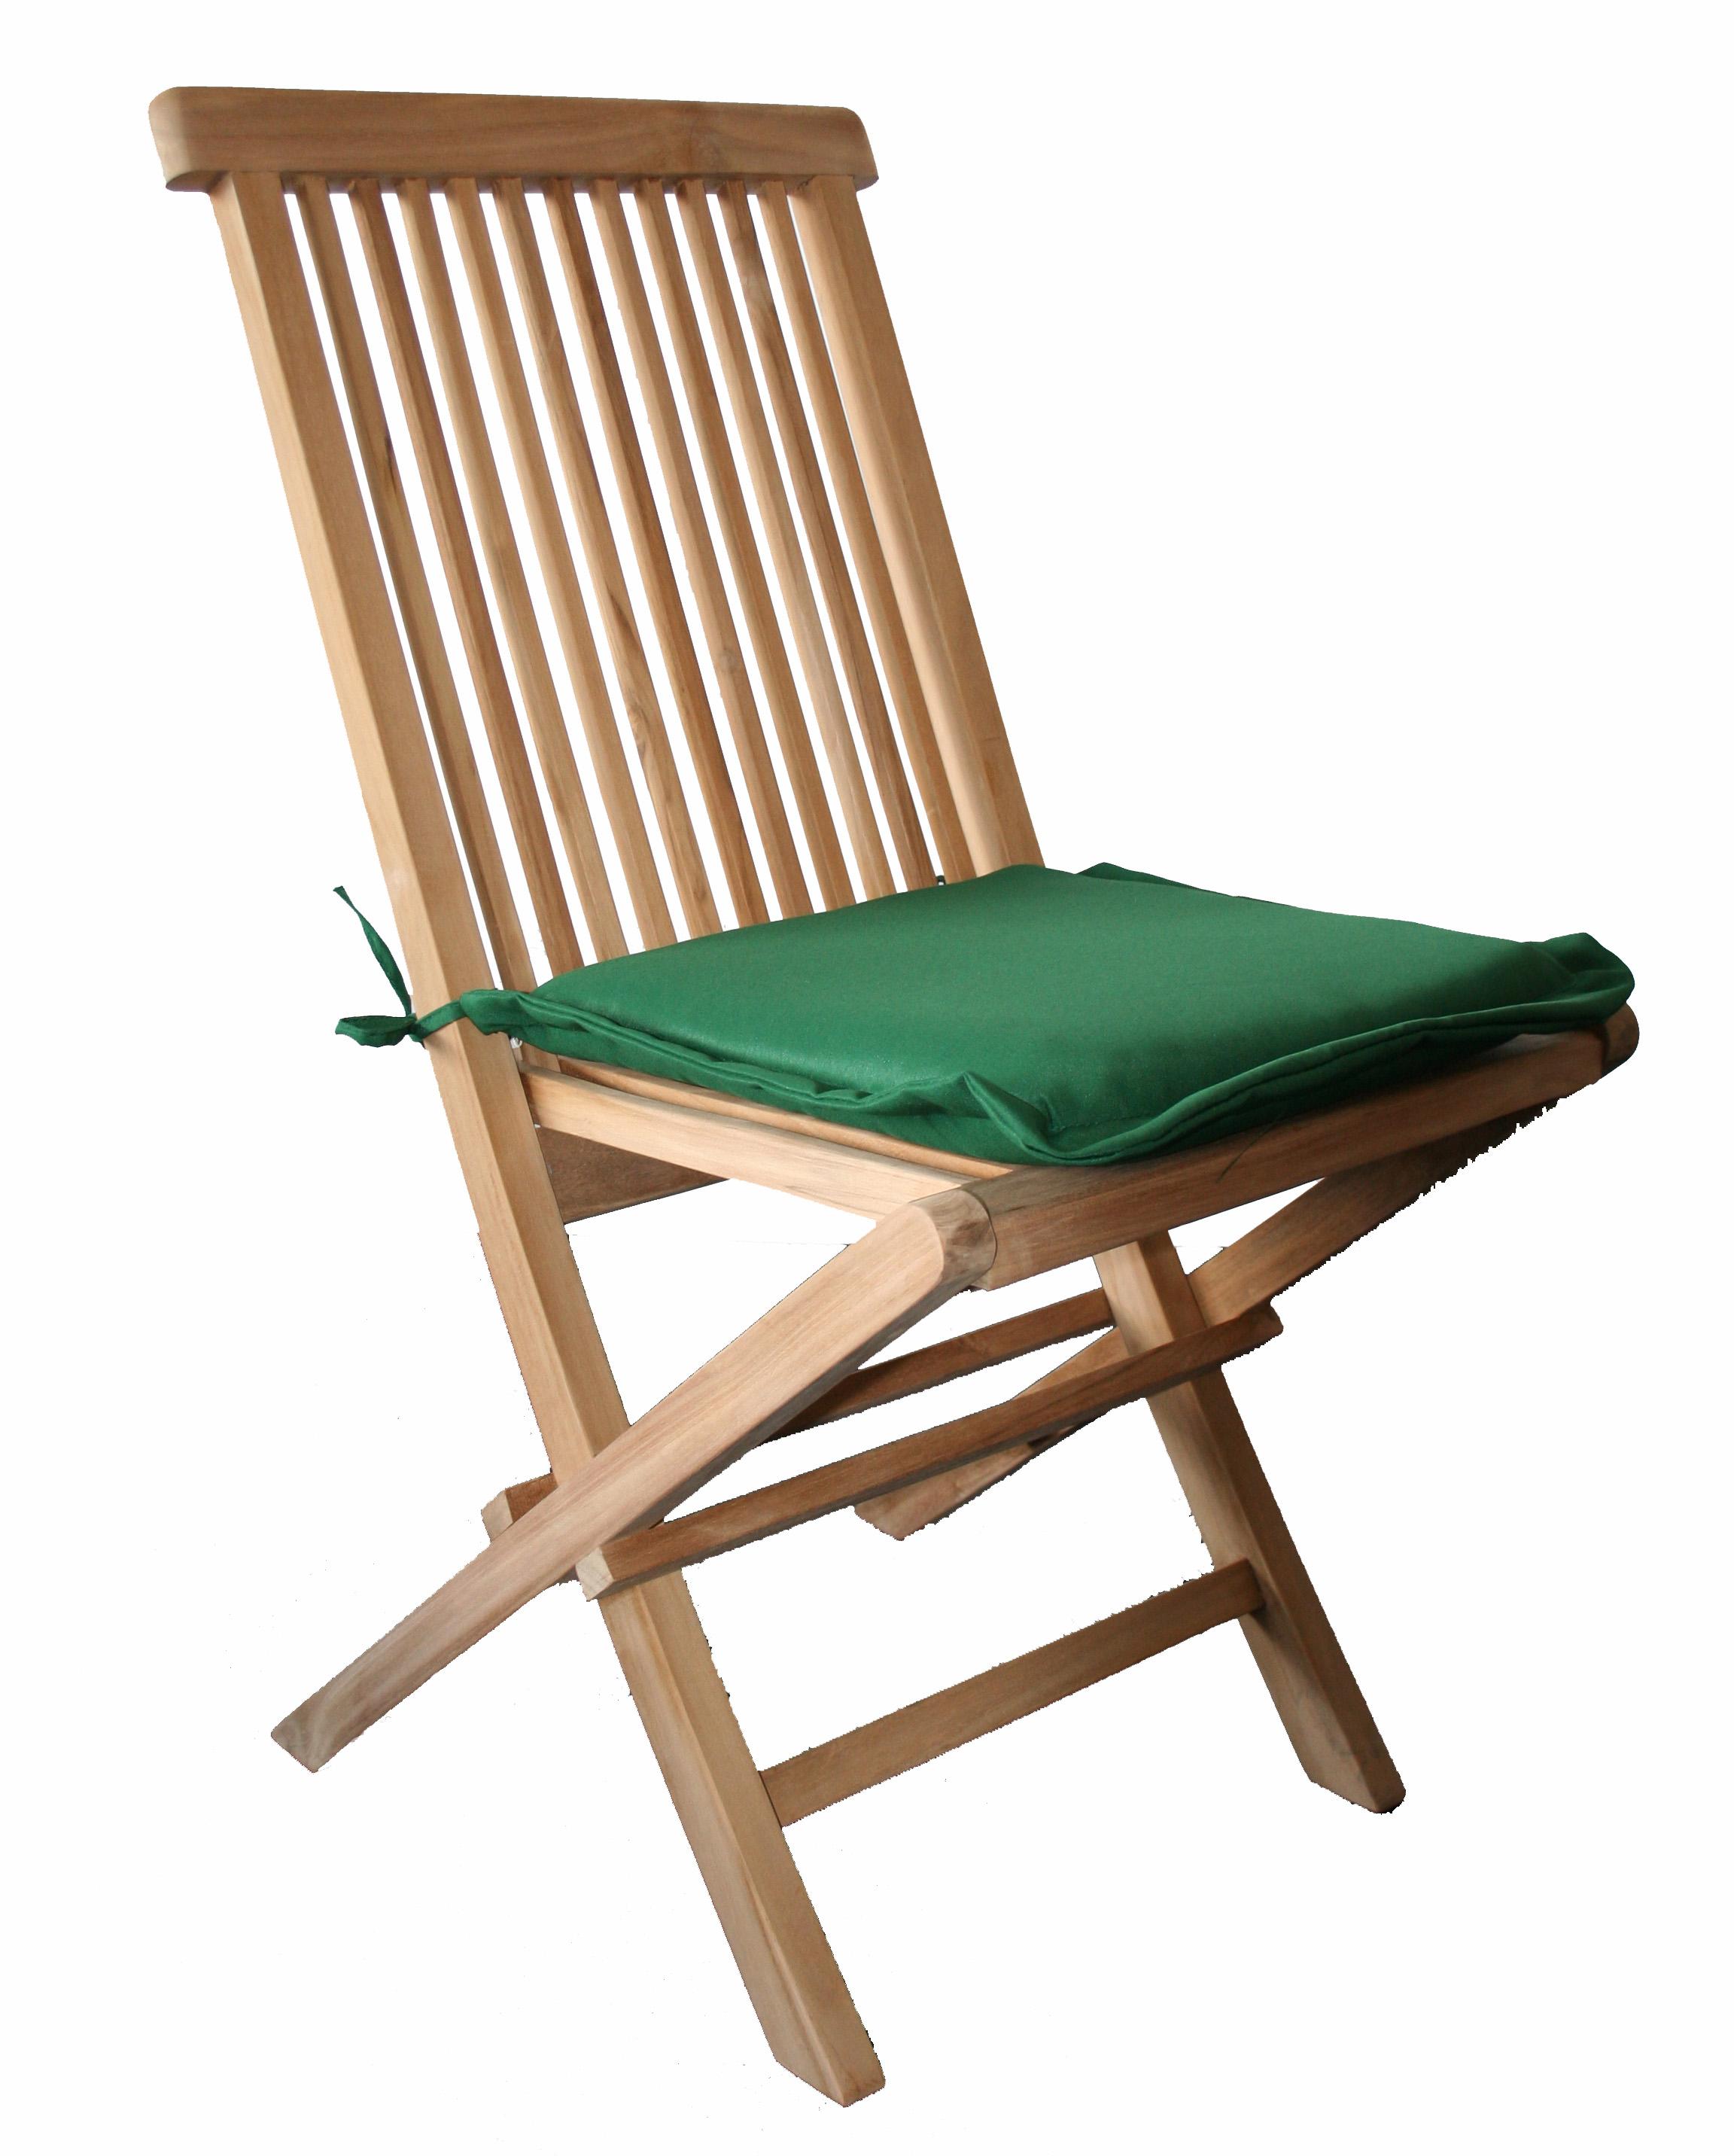 1 x coppia di sedia da giardino cuscini per seduta pad for Cuscini x sedia